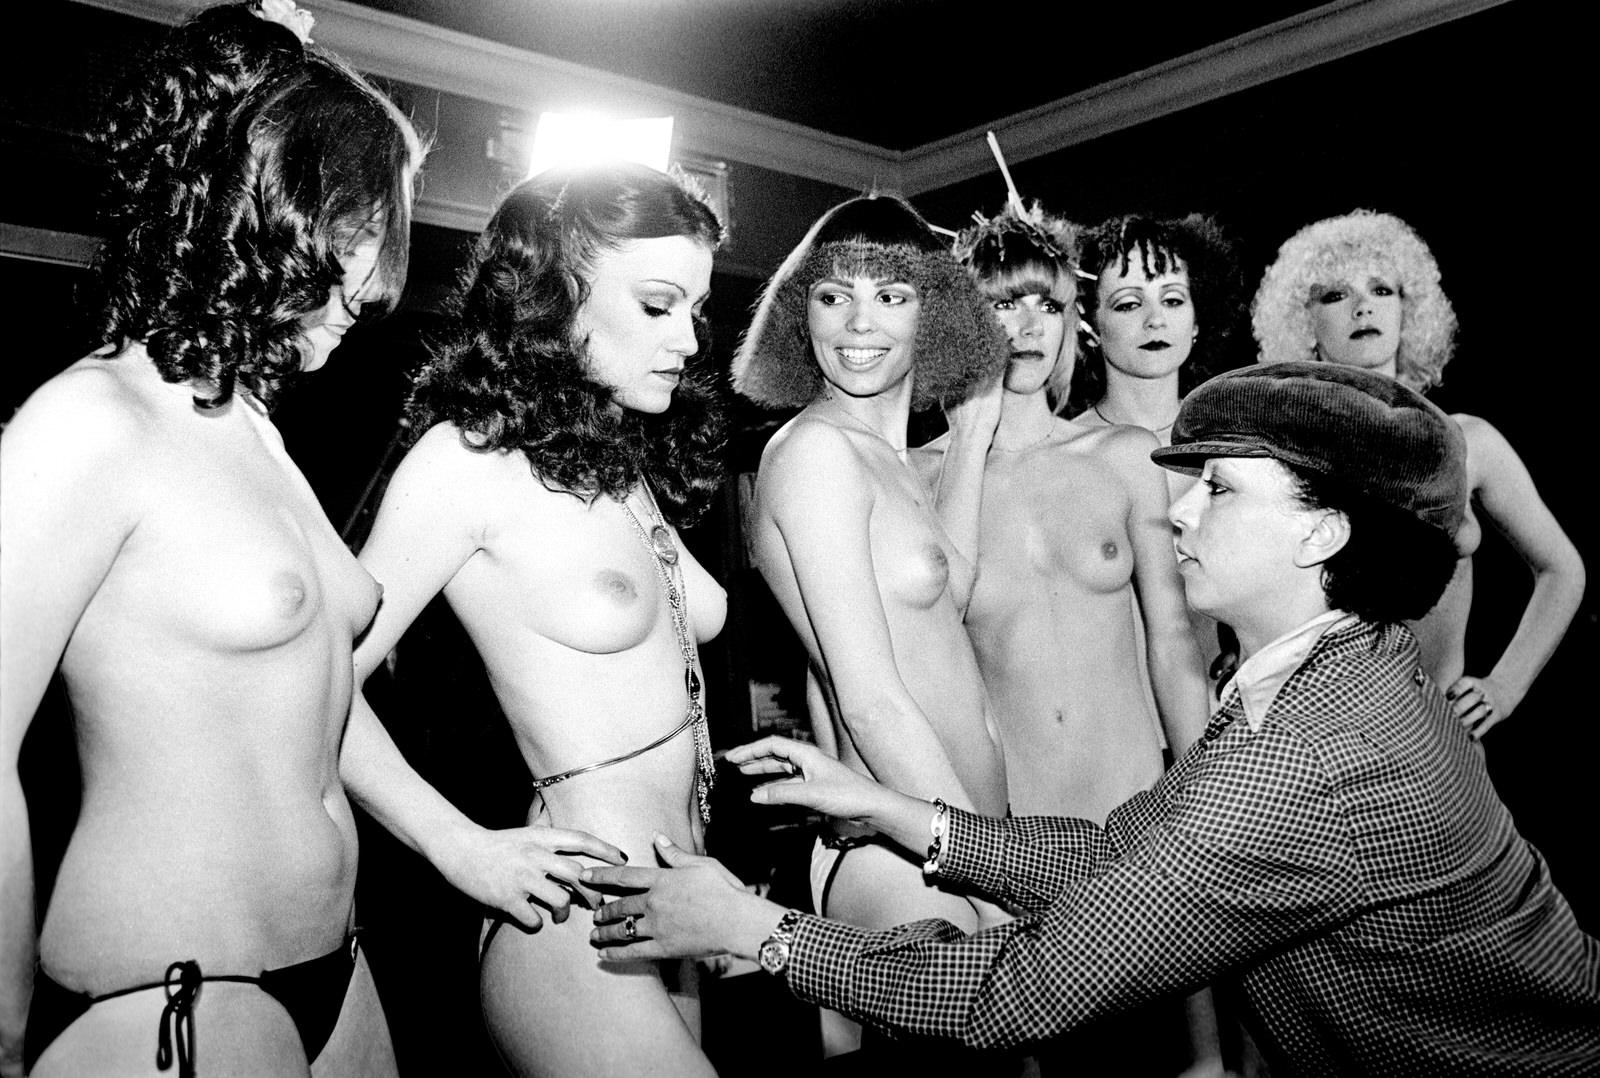 Bewerberinnen für Tanz Engagement im Crazy Horse Paris, Birdwatcher Club, 8001 Zürich, 1972